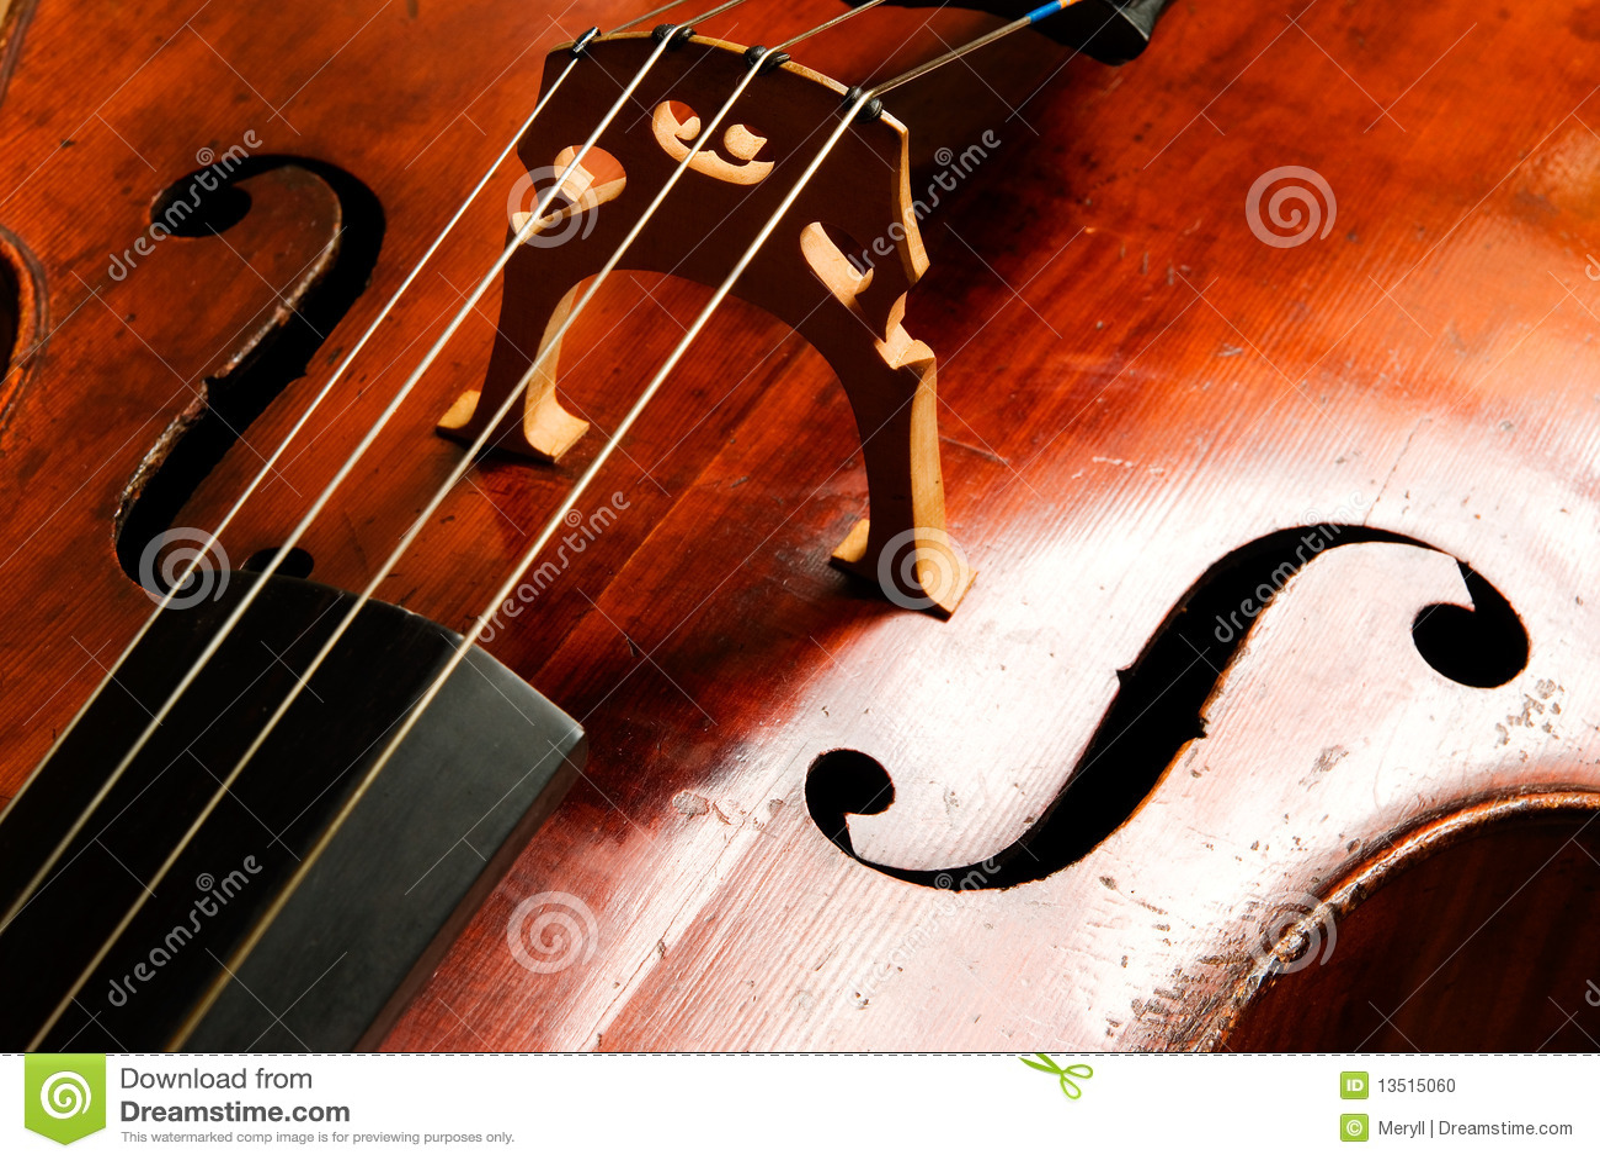 Abstrakter Musikhintergrund Violoncello